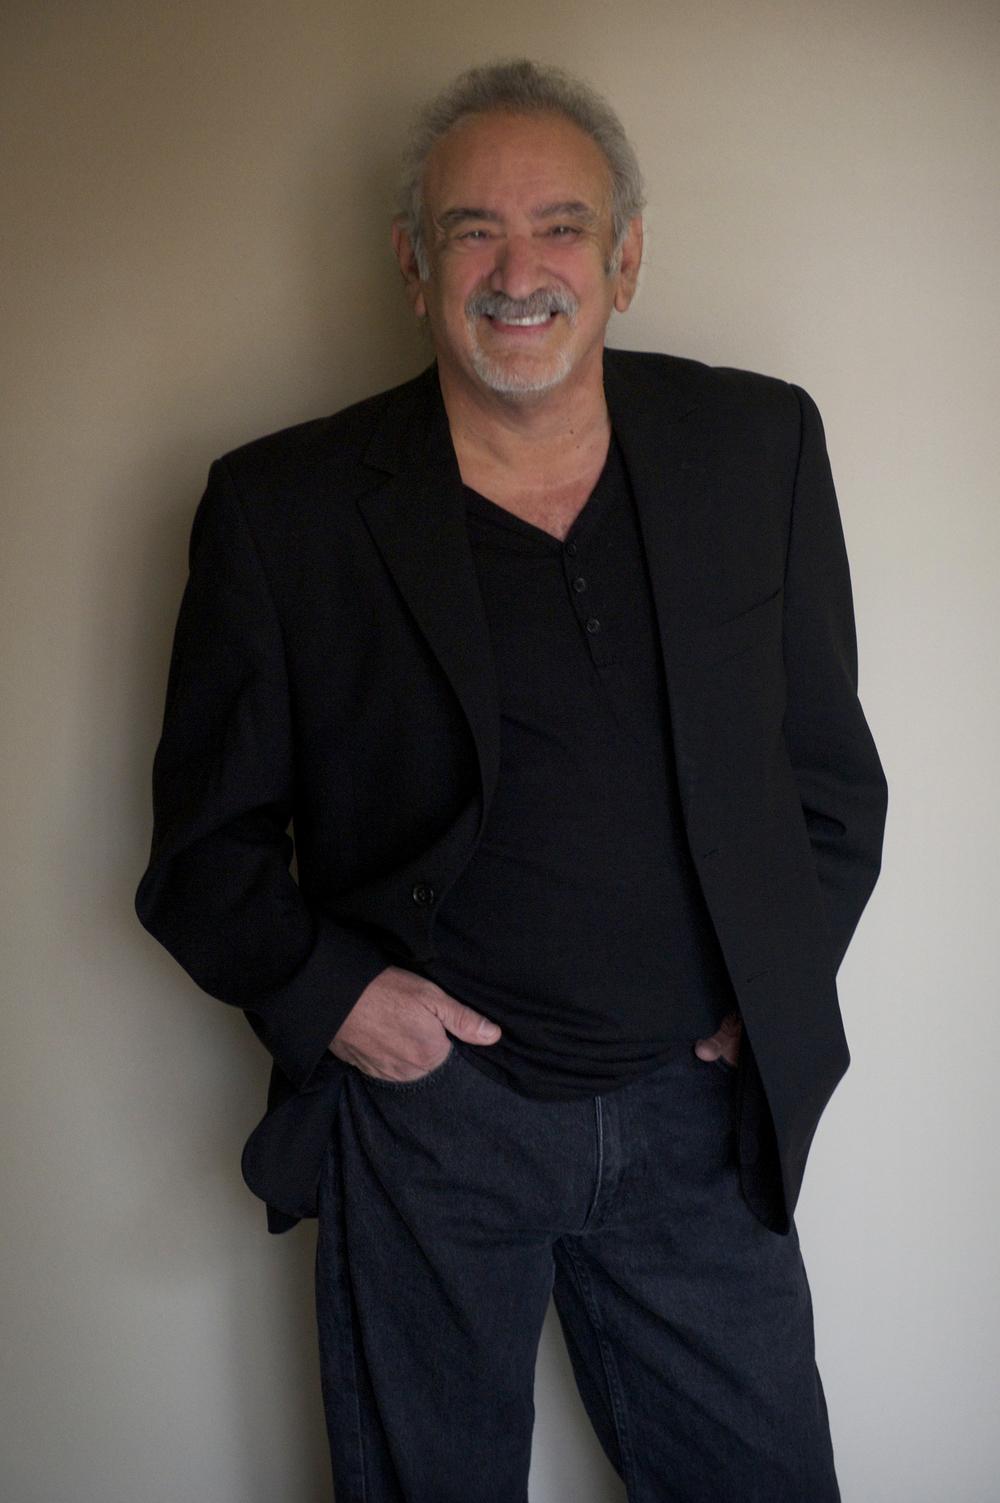 Martin Schembri